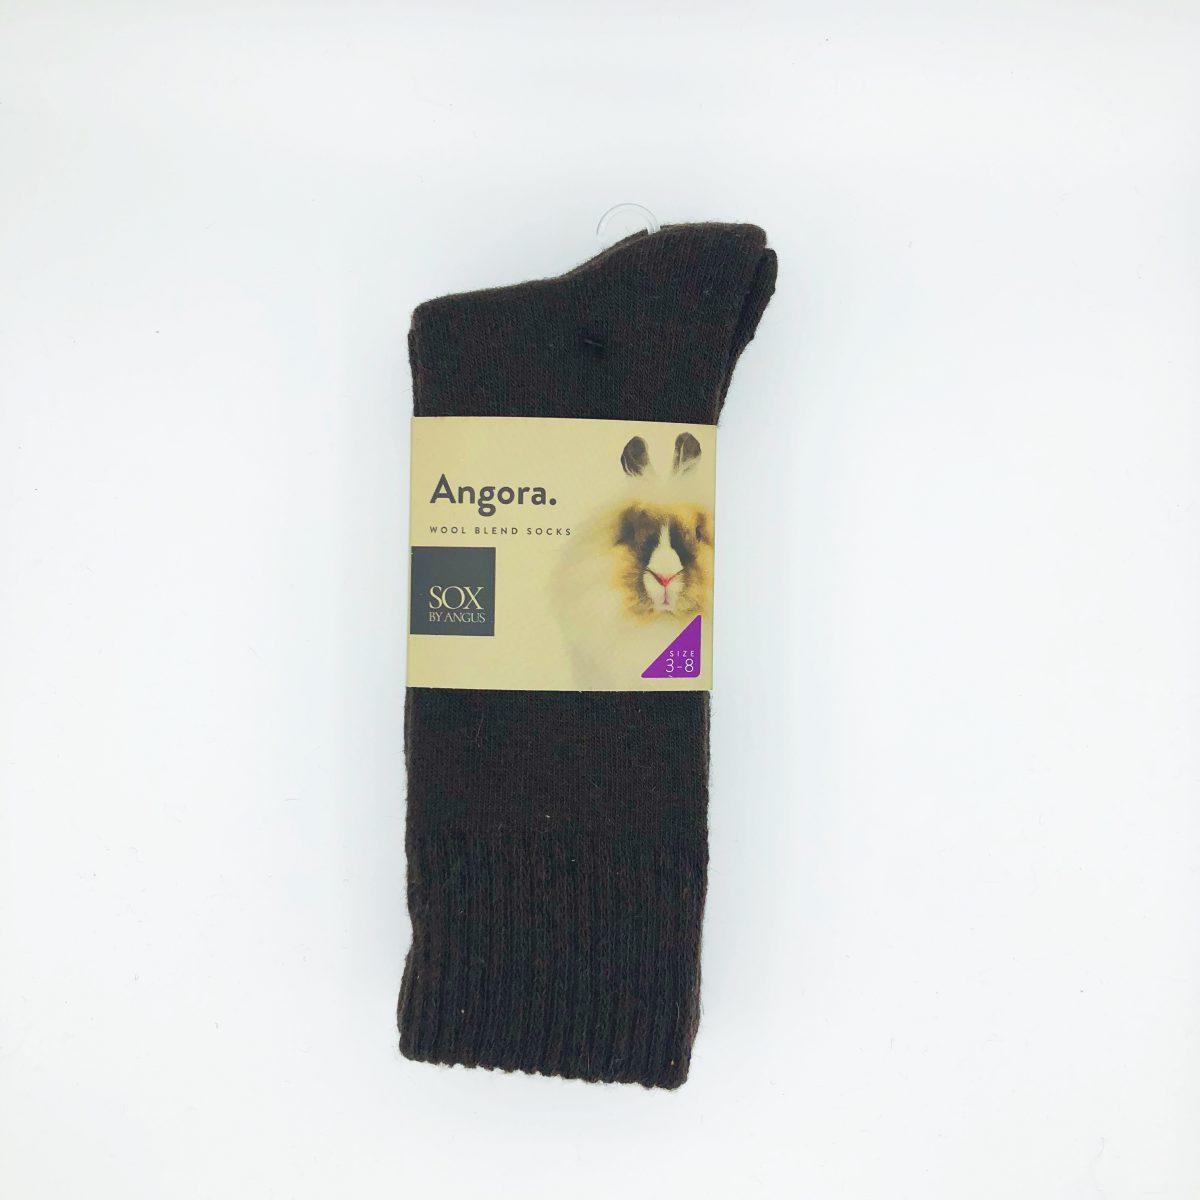 Angora Wool Blend Socks 2 Pair Pack - Brown